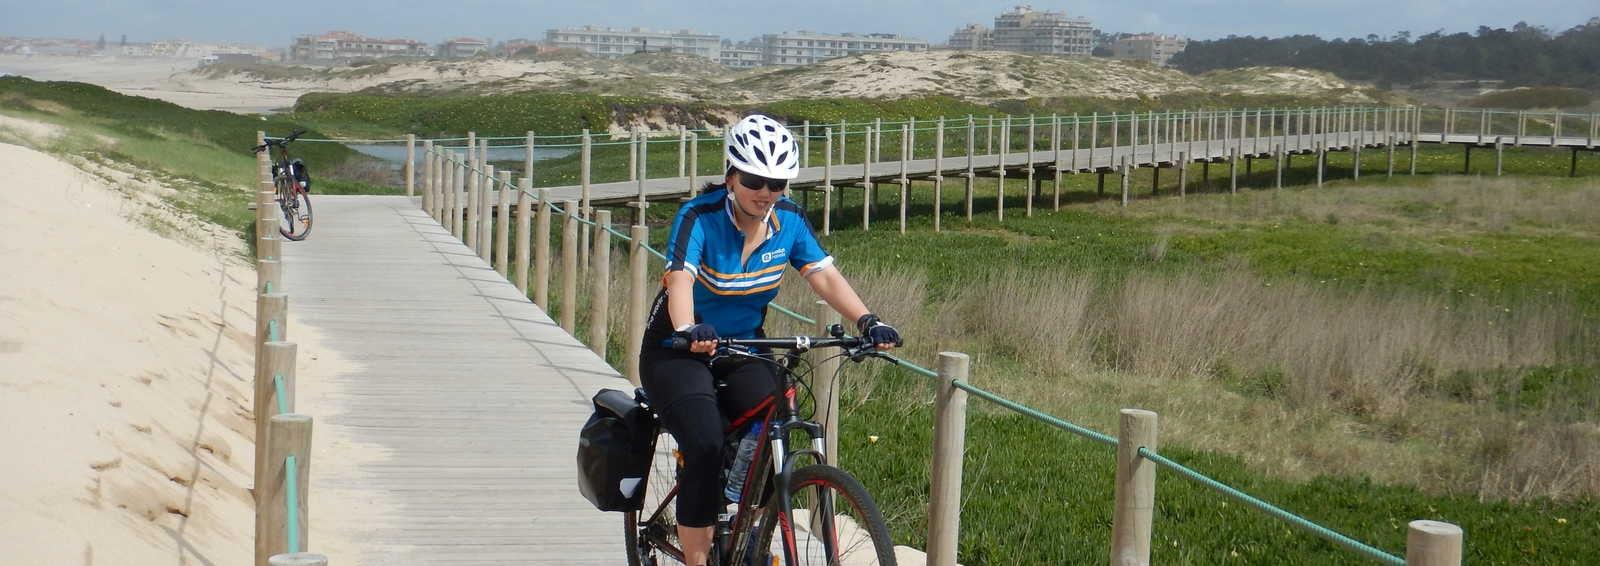 Thidara Cycling in Europe